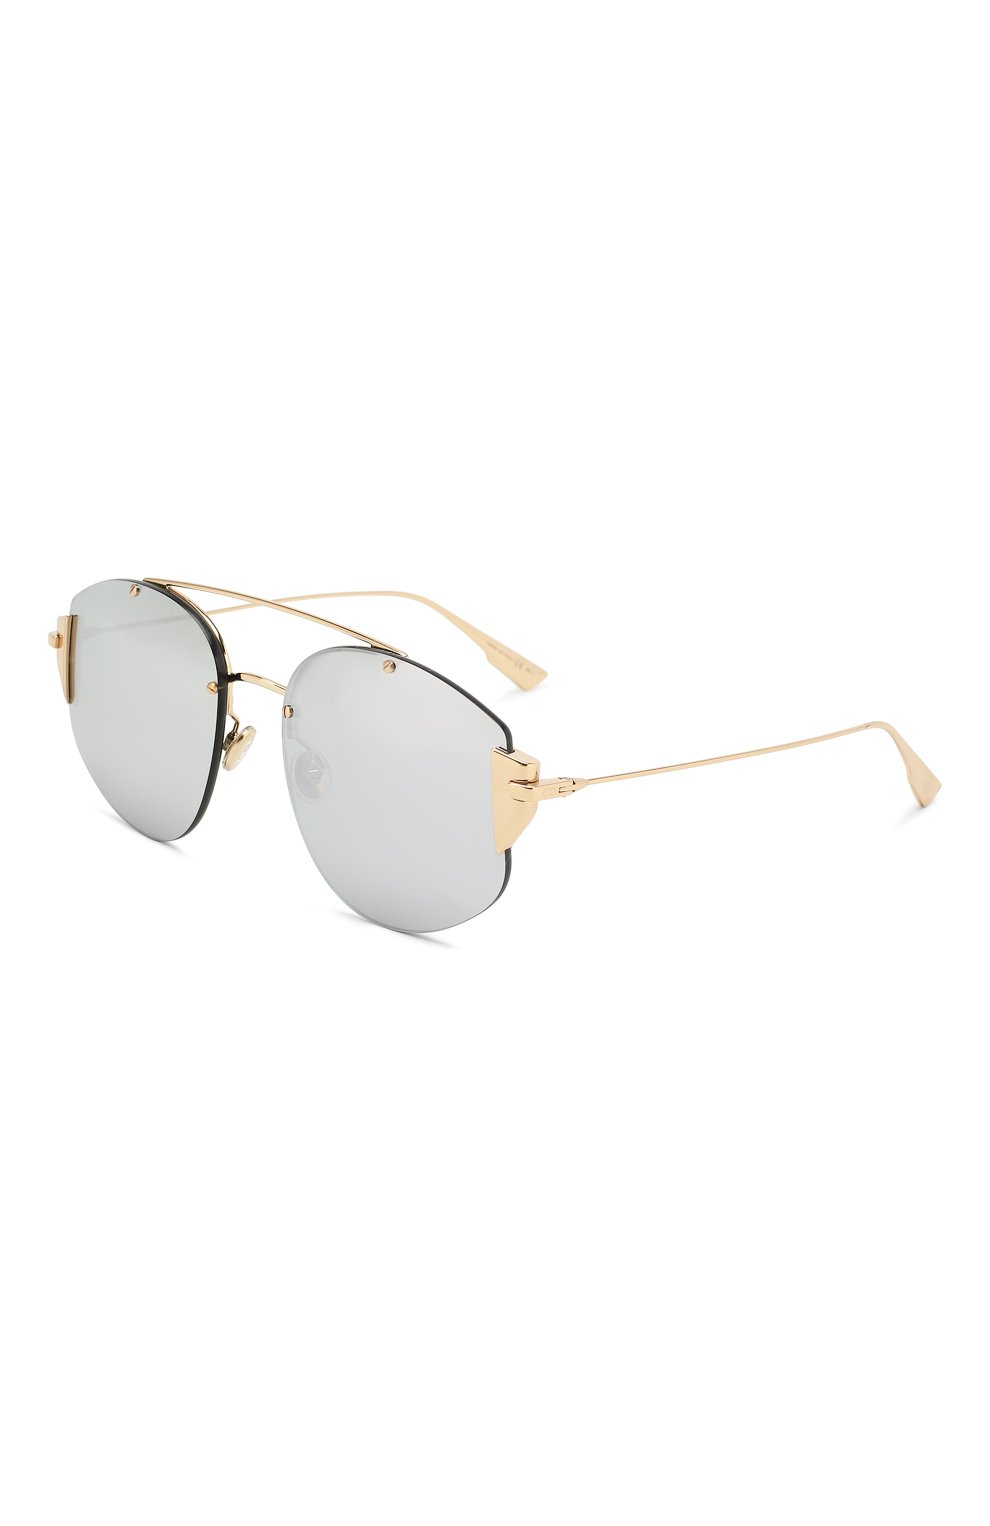 Женские солнцезащитные очки DIOR серебряного цвета, арт. DI0RSTR0NGER 000 DC | Фото 1